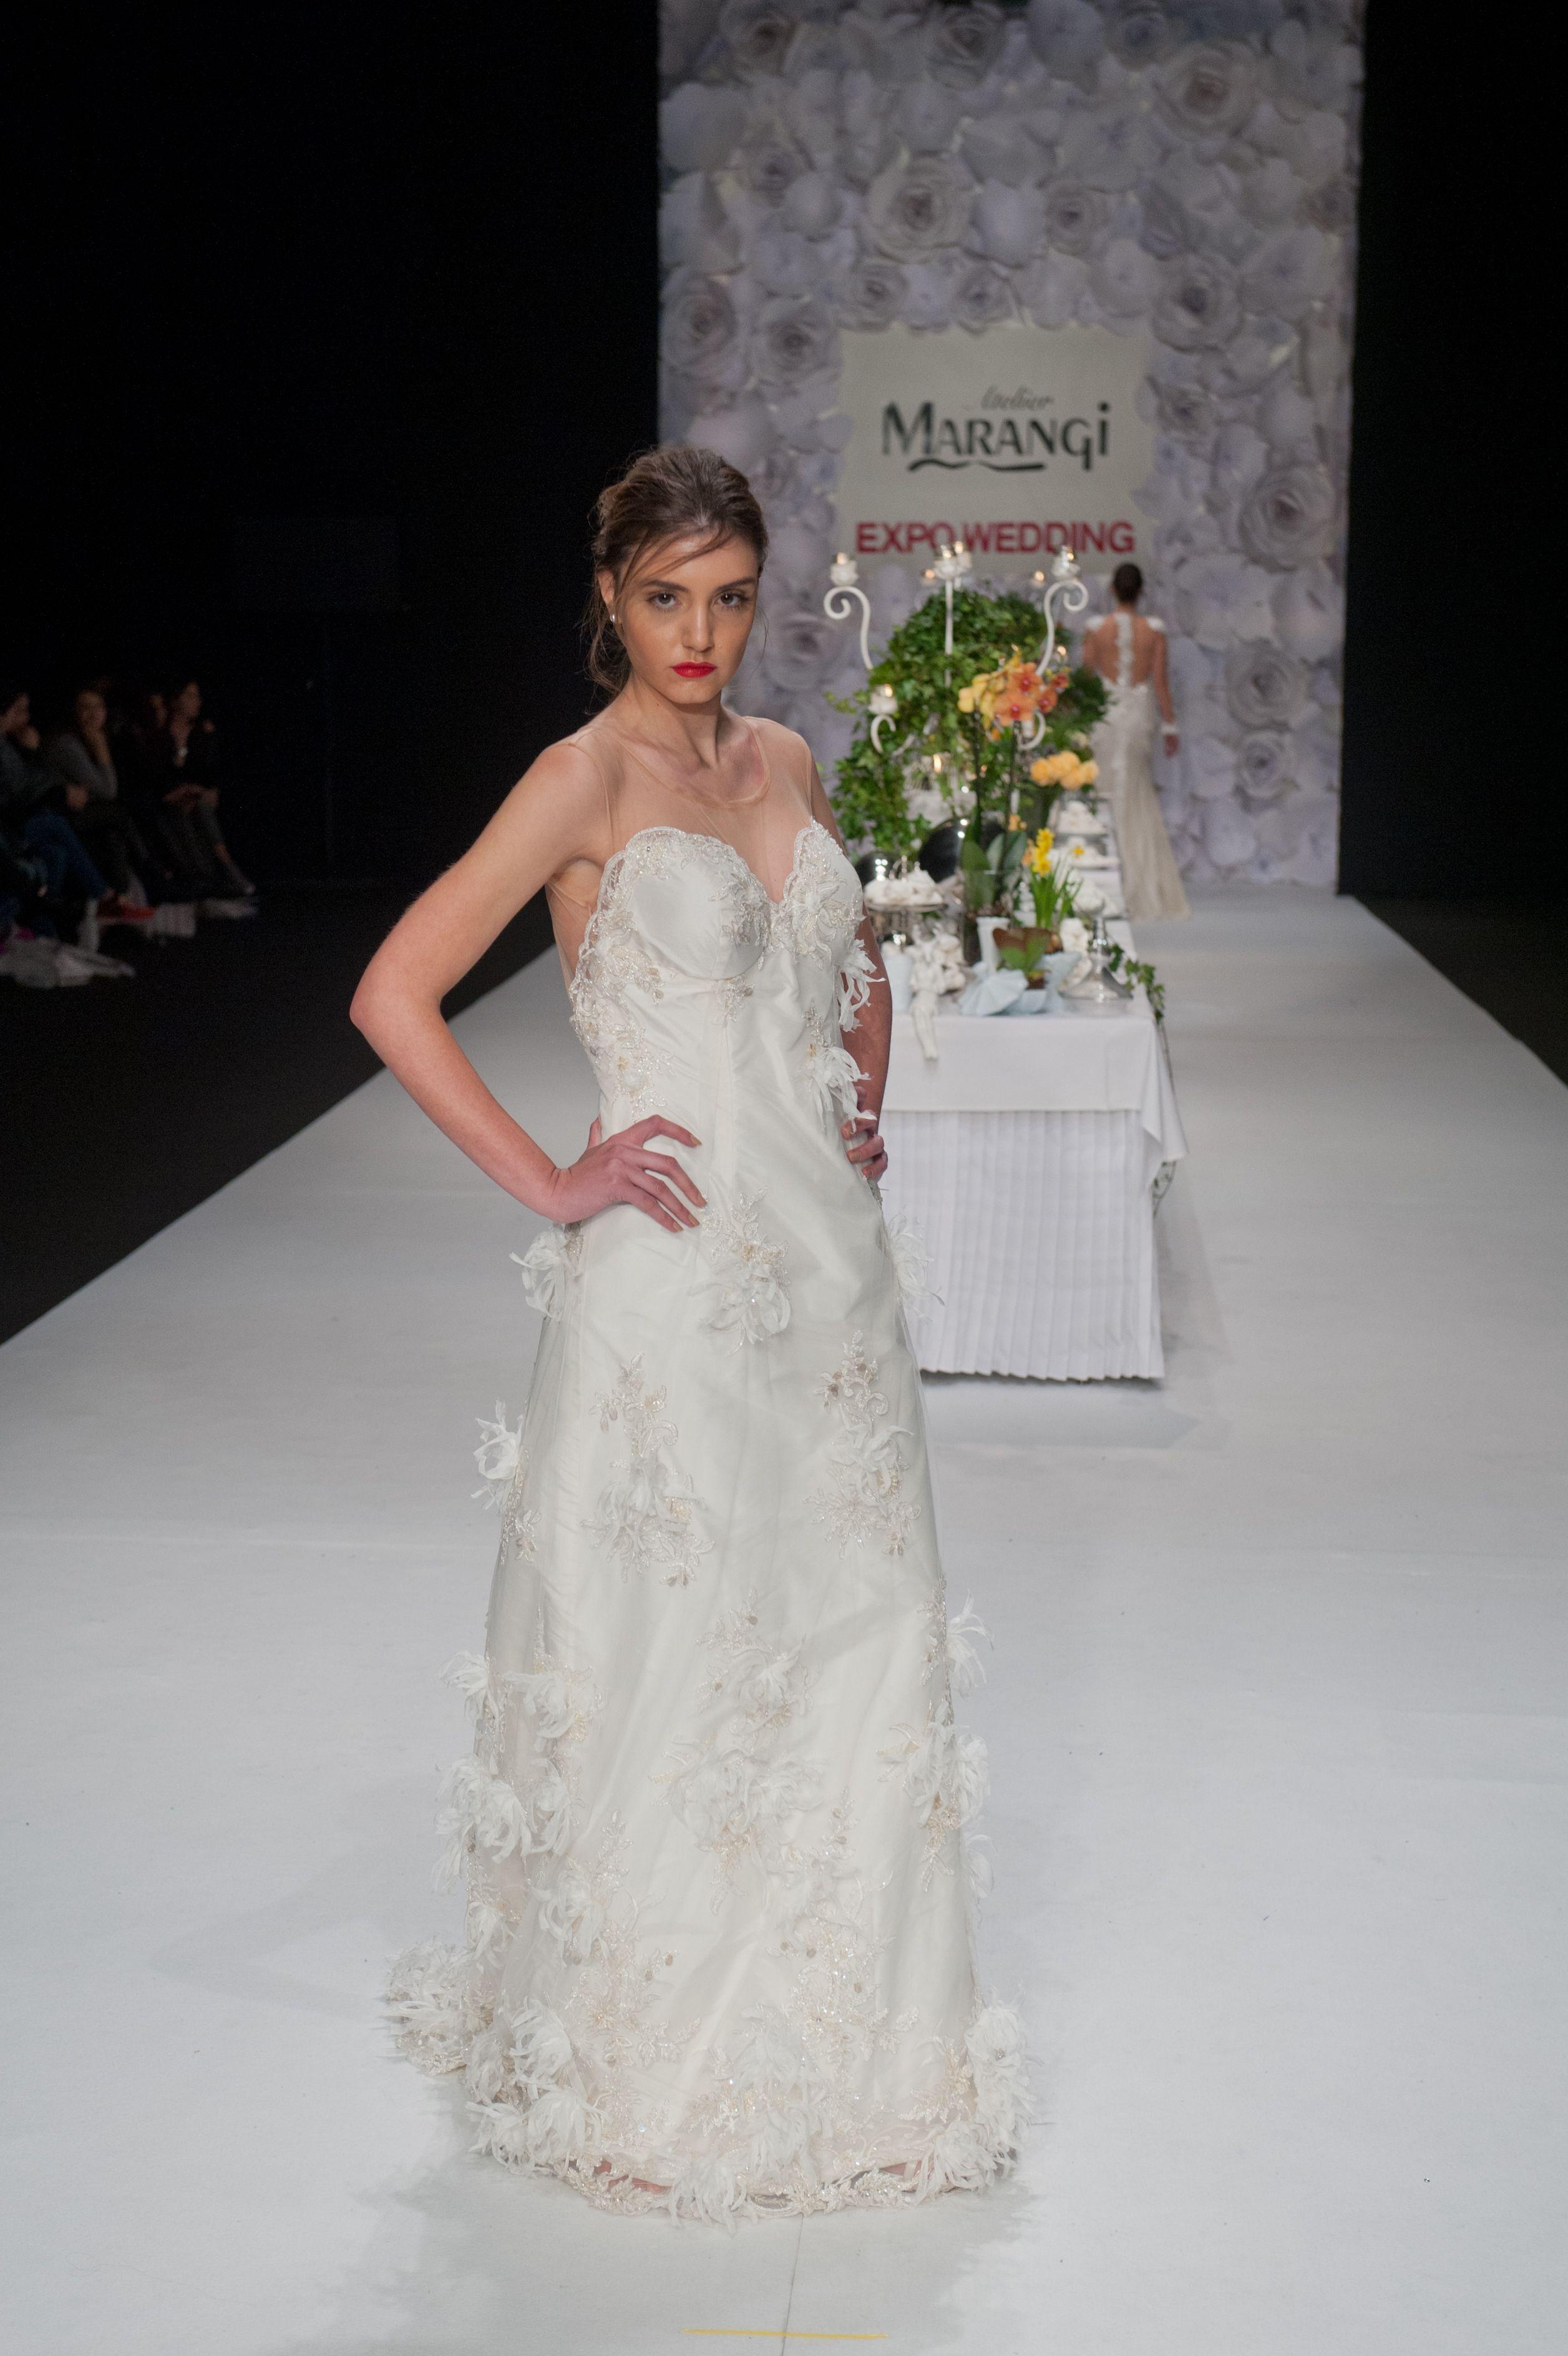 Νυφικό Φόρεμα Γοργονέ – 1047 side